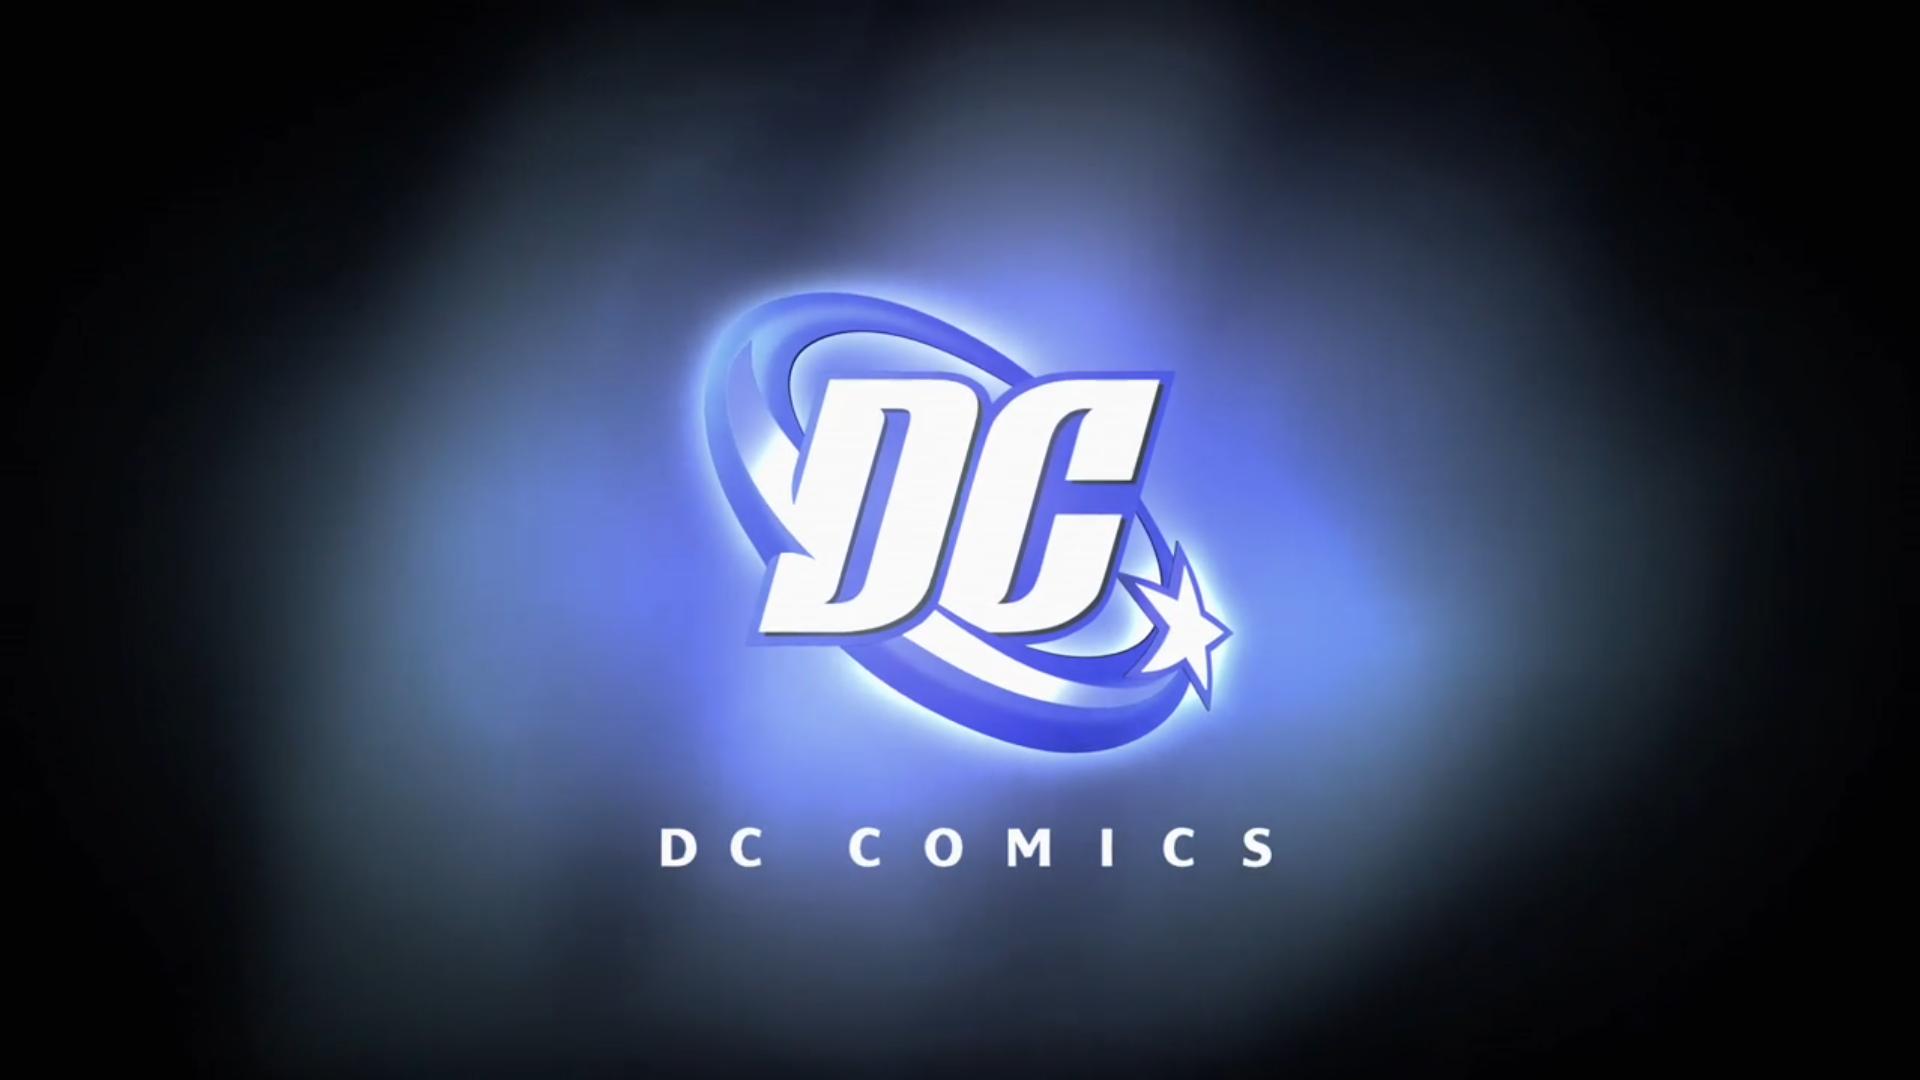 DC Comics Logo wallpaper.png